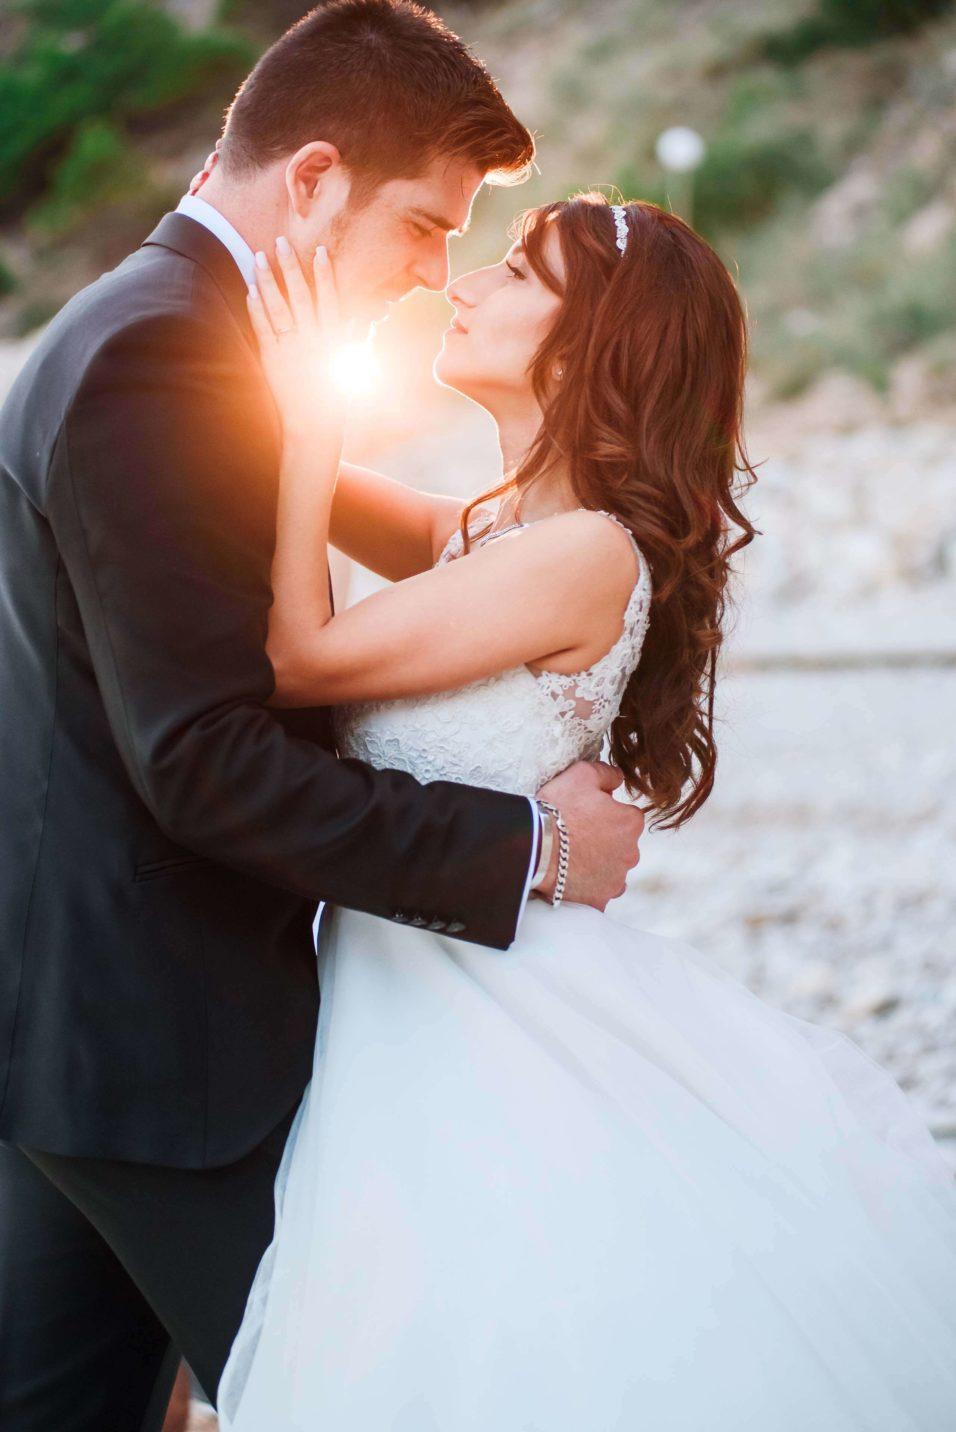 Sesiones de post boda